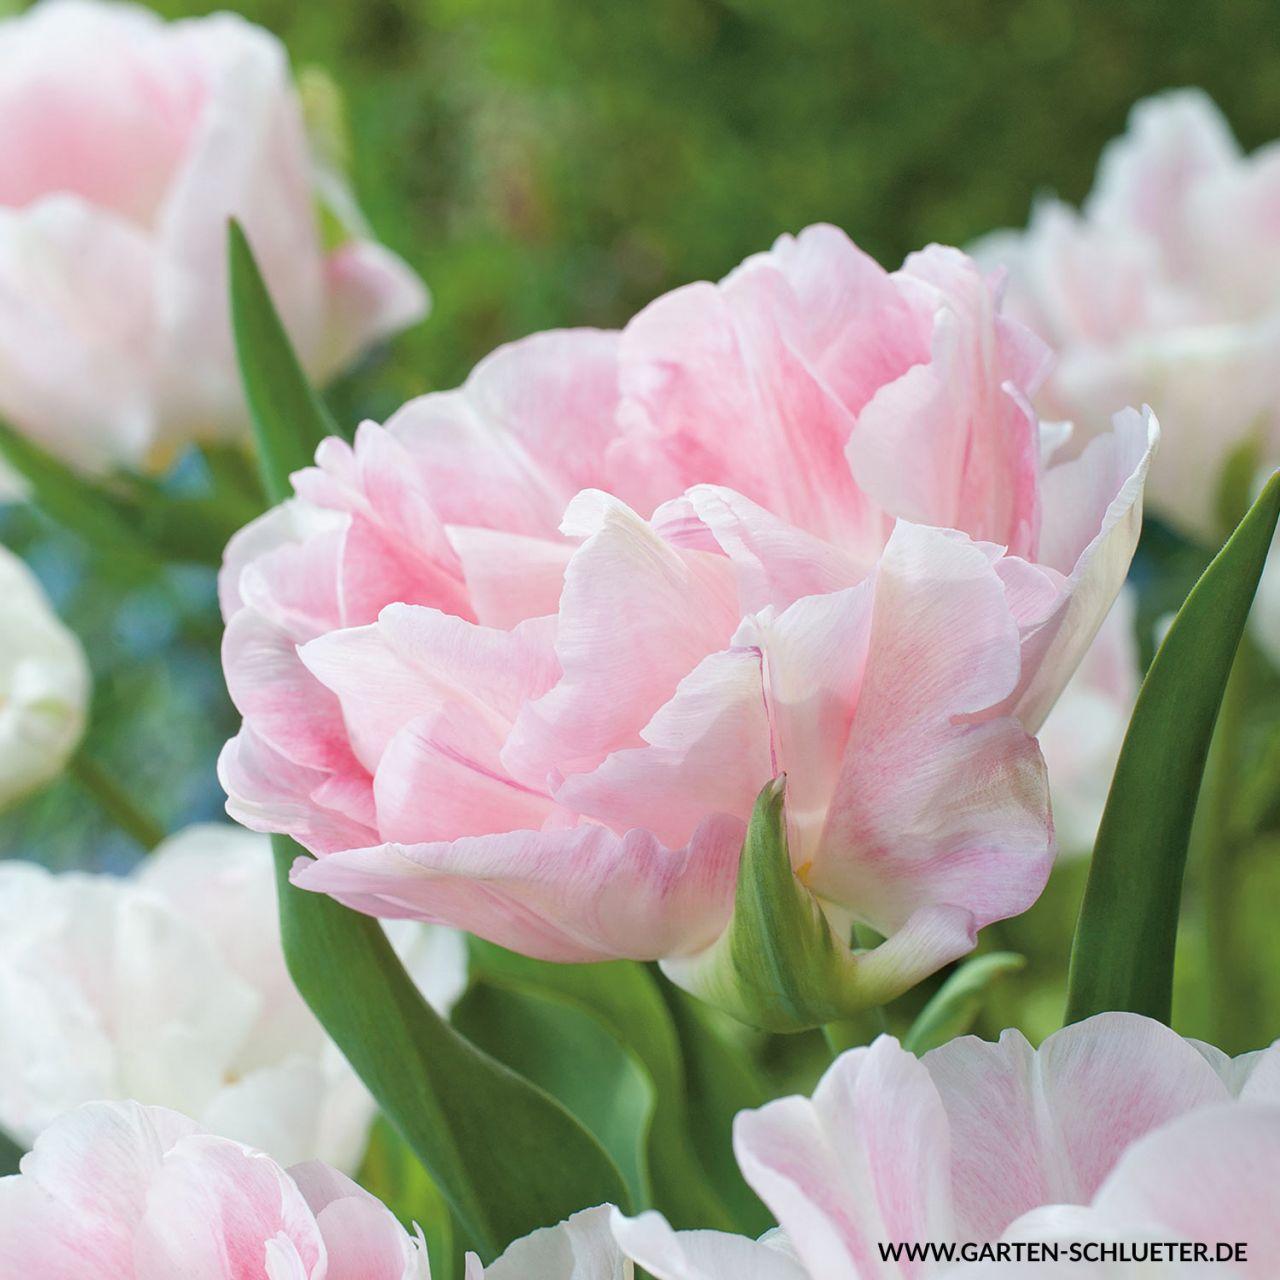 Gefüllte späte Tulpe 'Angelique' - 7 Stück